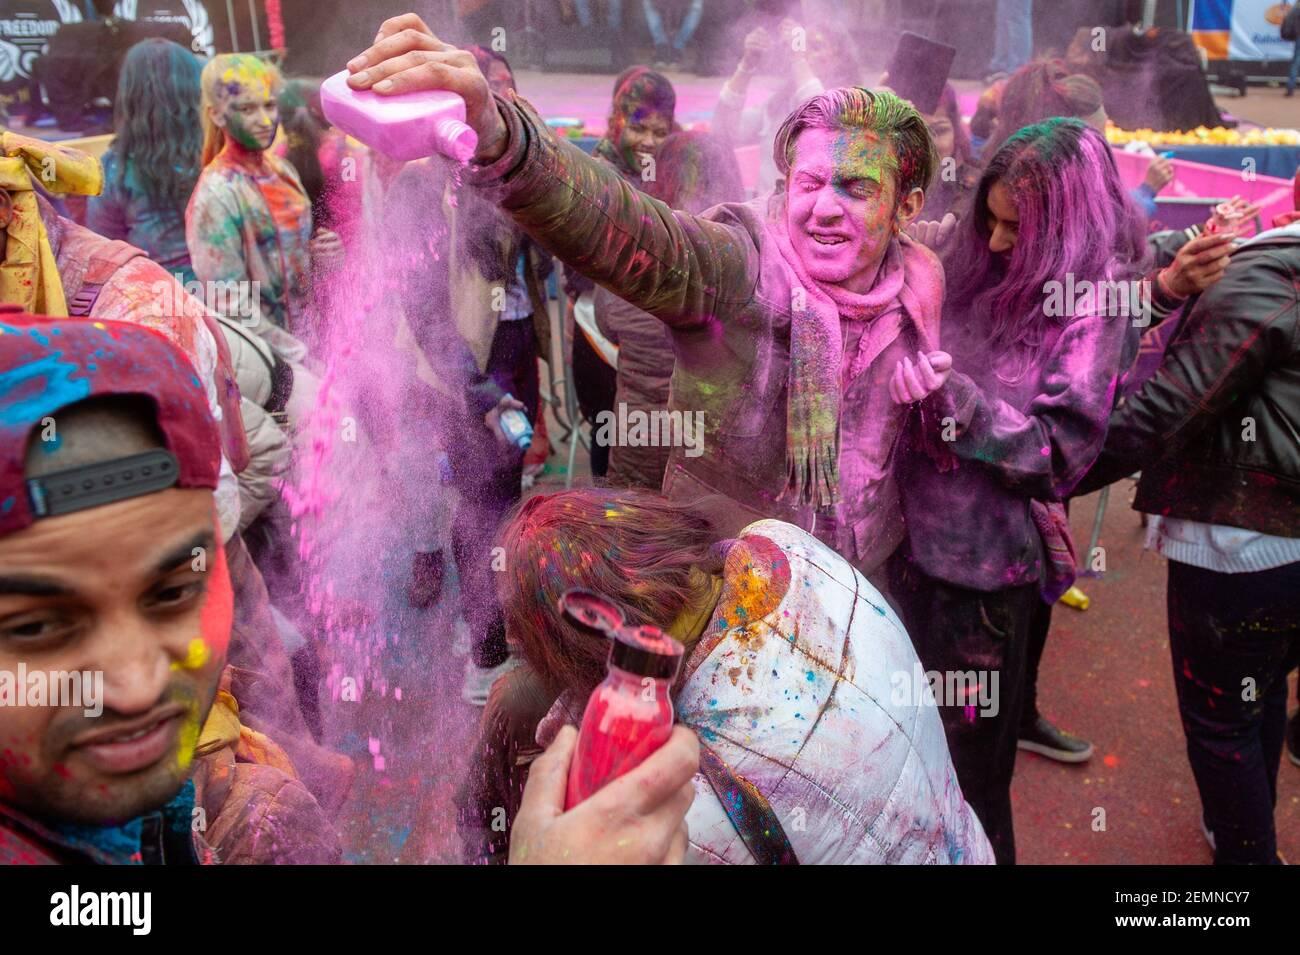 Un uomo è visto lanciare polveri colorate ad una donna. Milioni di persone in tutto il mondo celebrano l'annuale Holi Hangámá Festival, conosciuto anche come Festival dei colori. Per gli indù è una celebrazione dell'arrivo della primavera, del nuovo anno e della vittoria tutto in uno. La più grande popolazione indiana in Europa (al di fuori del Regno Unito) si trova a l'Aia, questa è una delle più grandi d'Europa. Il momento culminante delle celebrazioni Holi è la processione attraverso i quartieri multiculturali Transvaal e Schilderswijk. I partecipanti alla processione gettano polvere colorata su se stessi e a e. Foto Stock